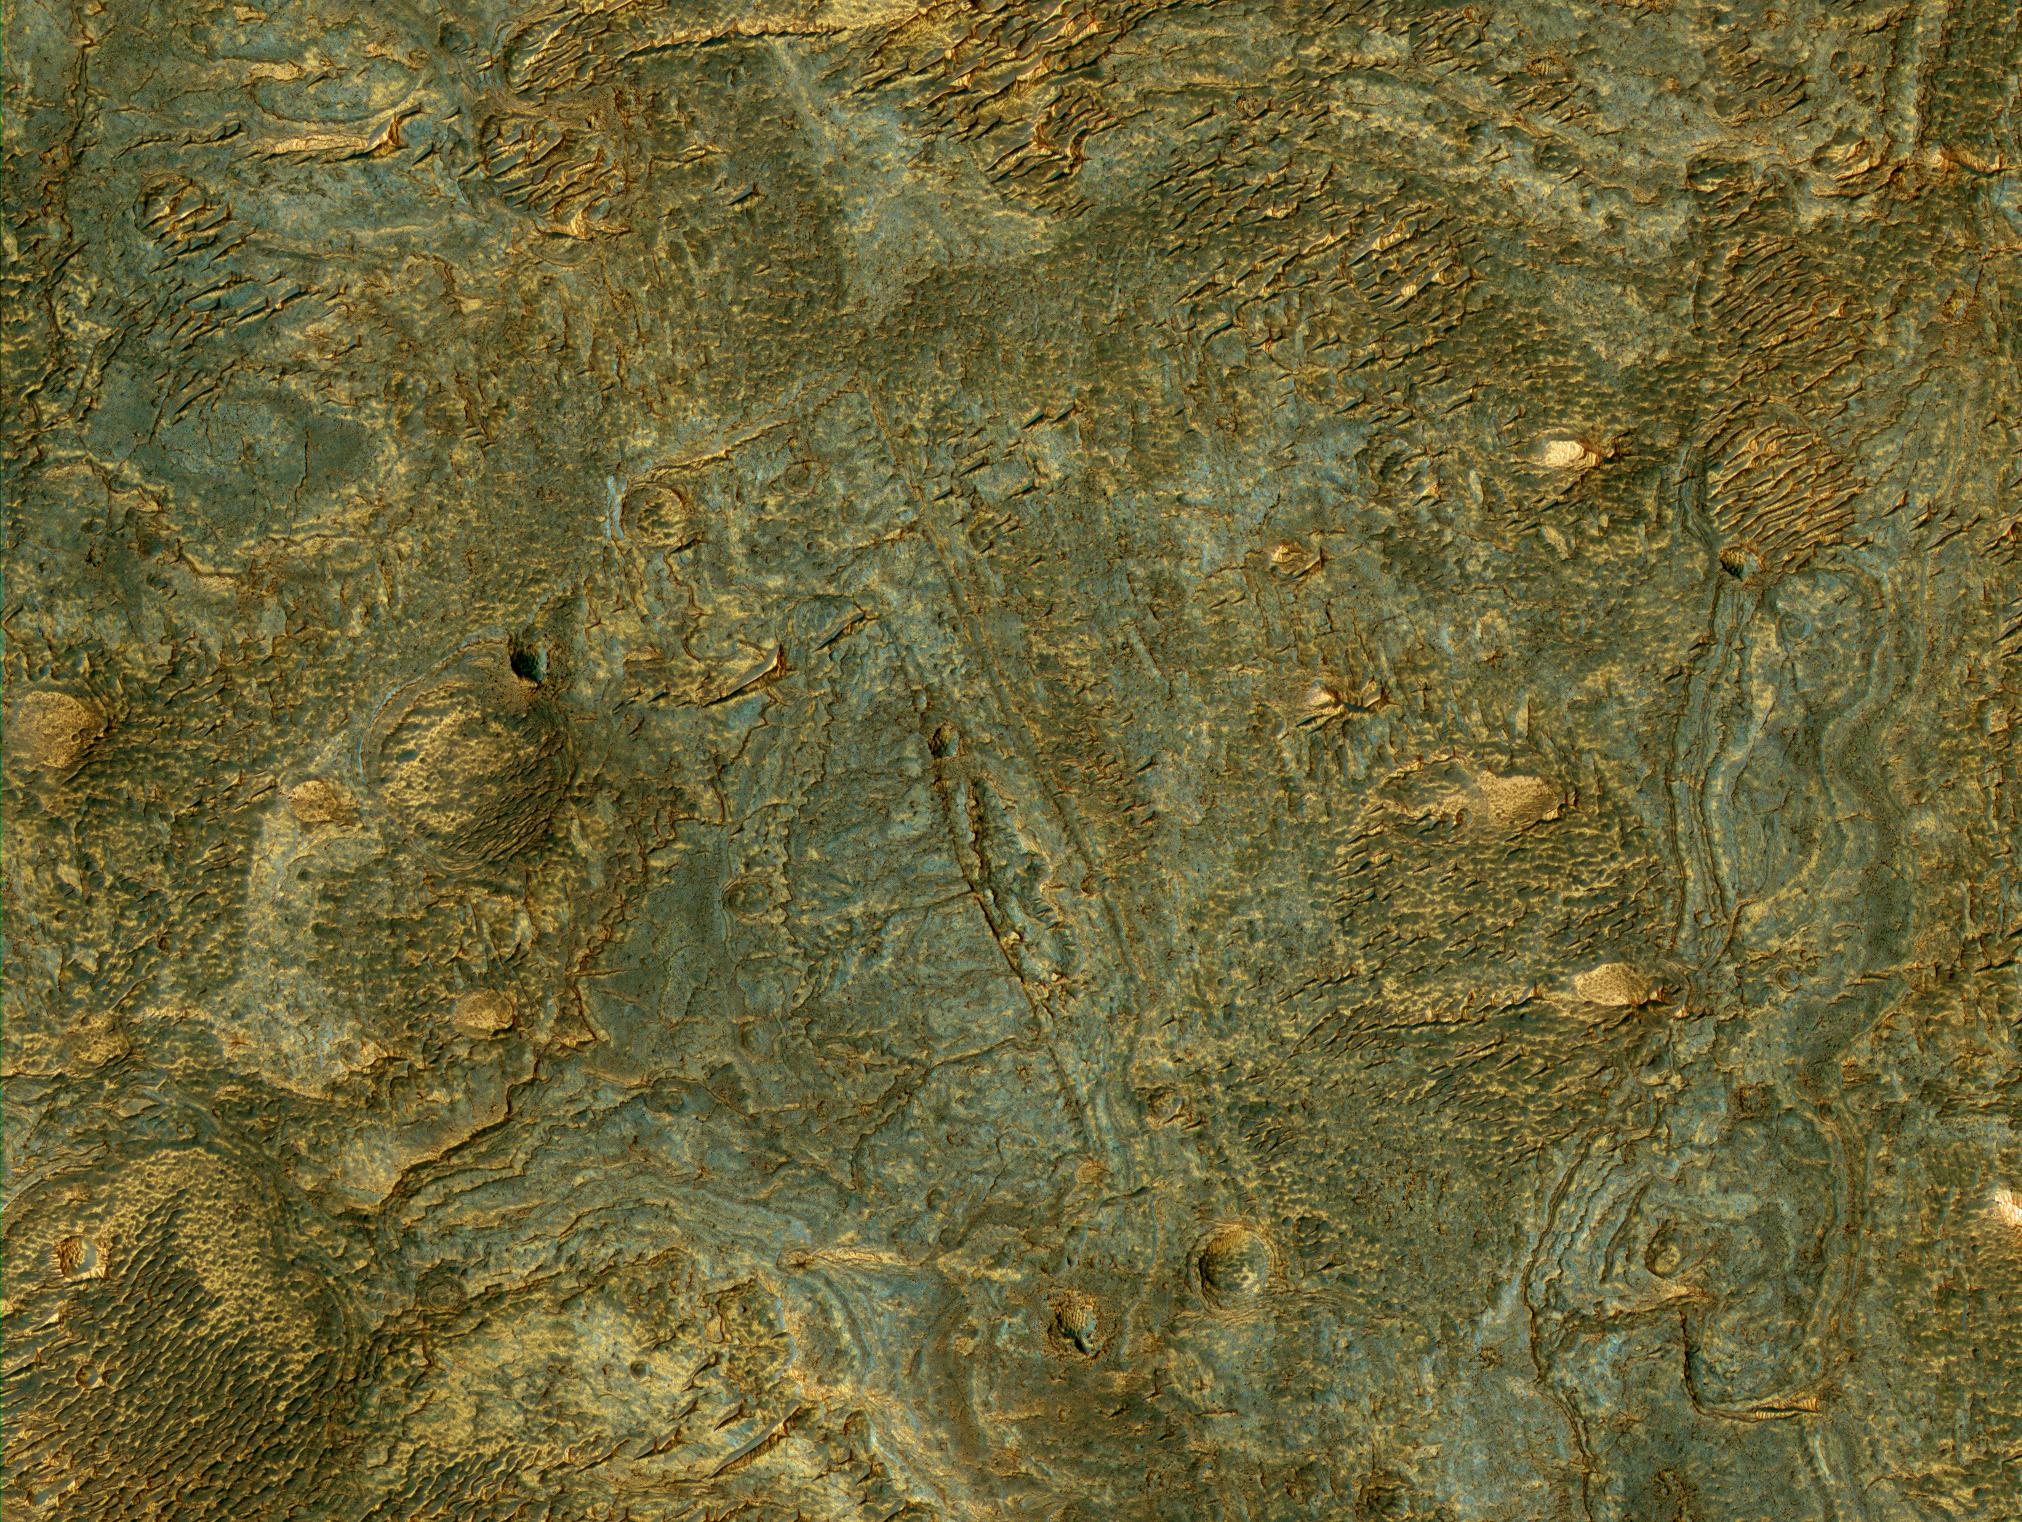 valles mines latin dating site Sehen sie sich das profil von franck audemard auf  neotectonics, historical seismology, earthquake site  in cosmonuclide dating, aarhus autoren: franck audemard.